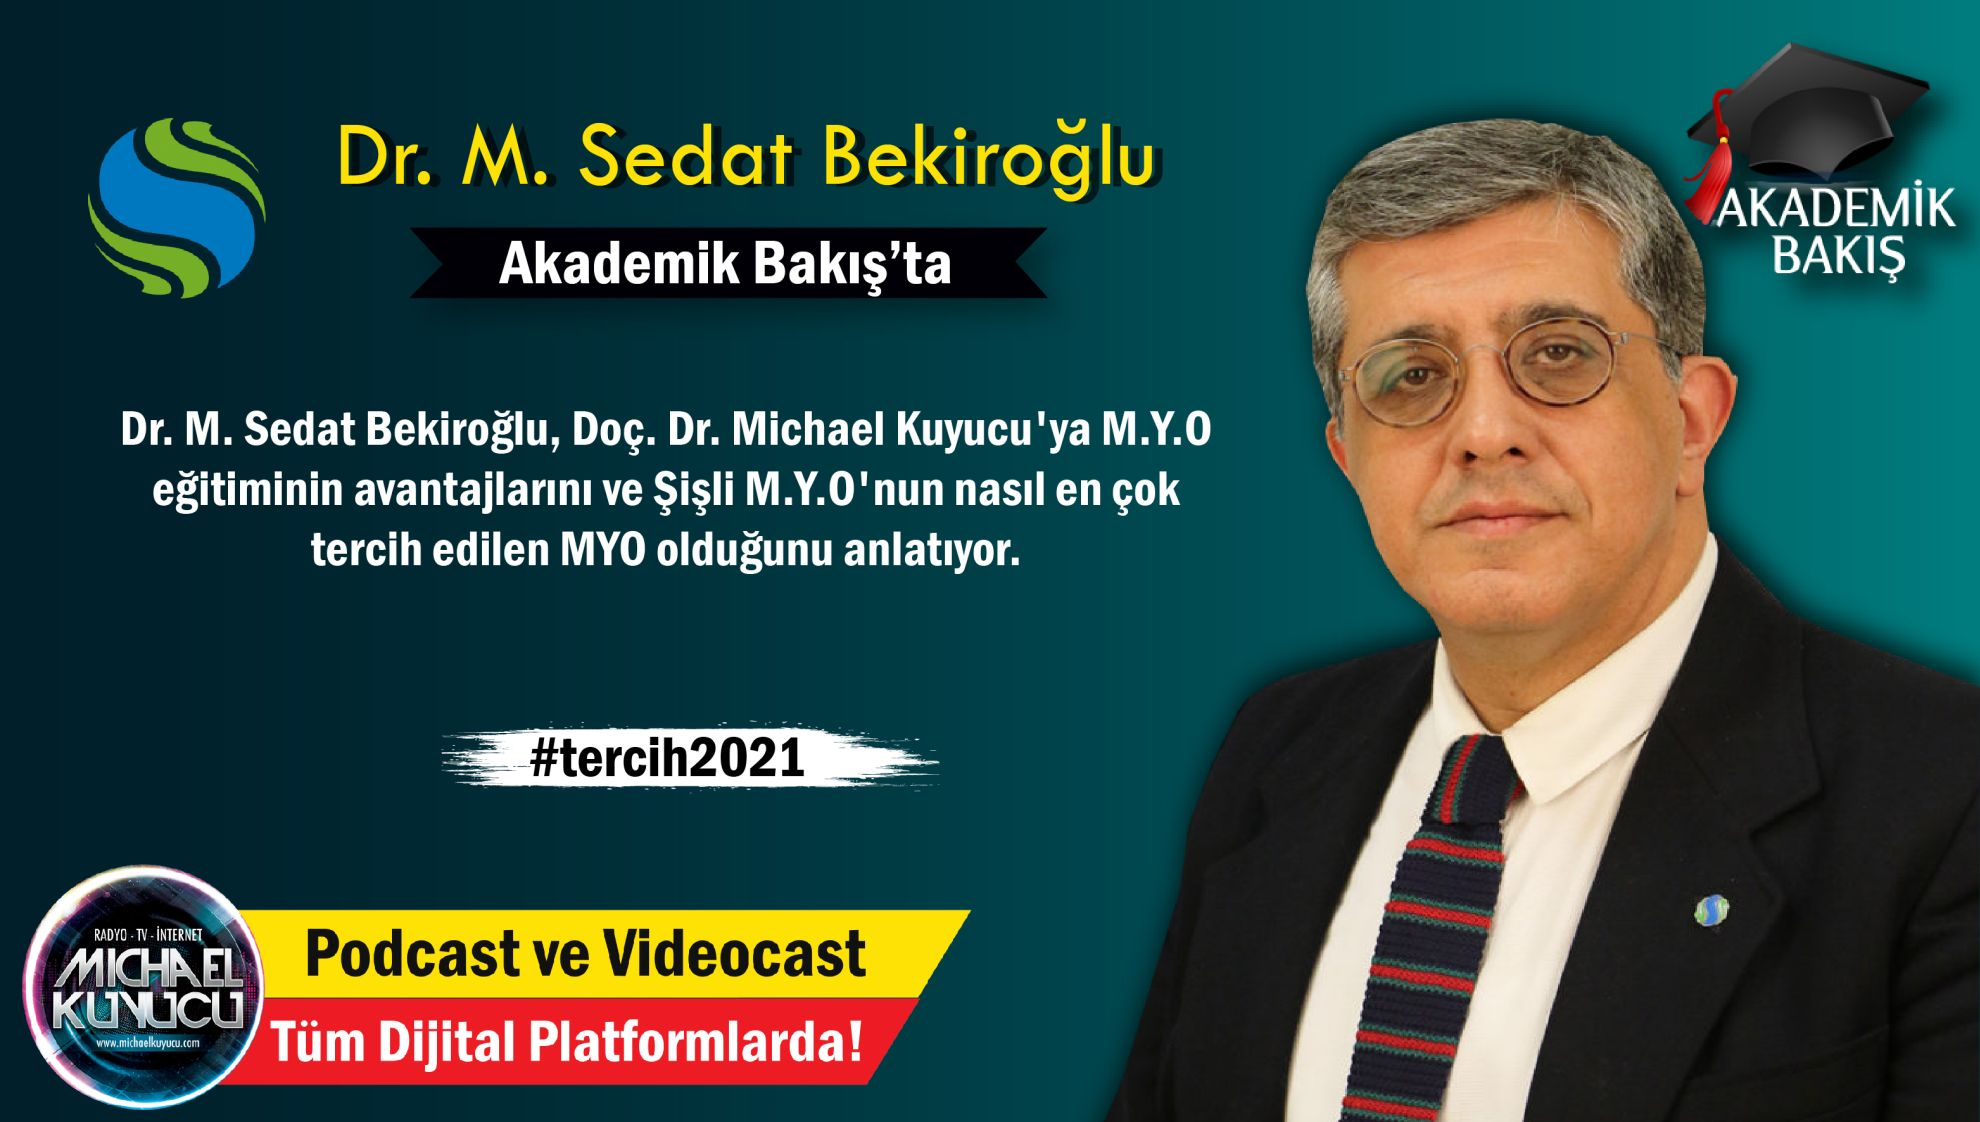 """Dr. Sedat Bekiroğlu: Biz """"Ara Eleman"""" Değil """"Ana Eleman"""" Yetiştiriyoruz"""